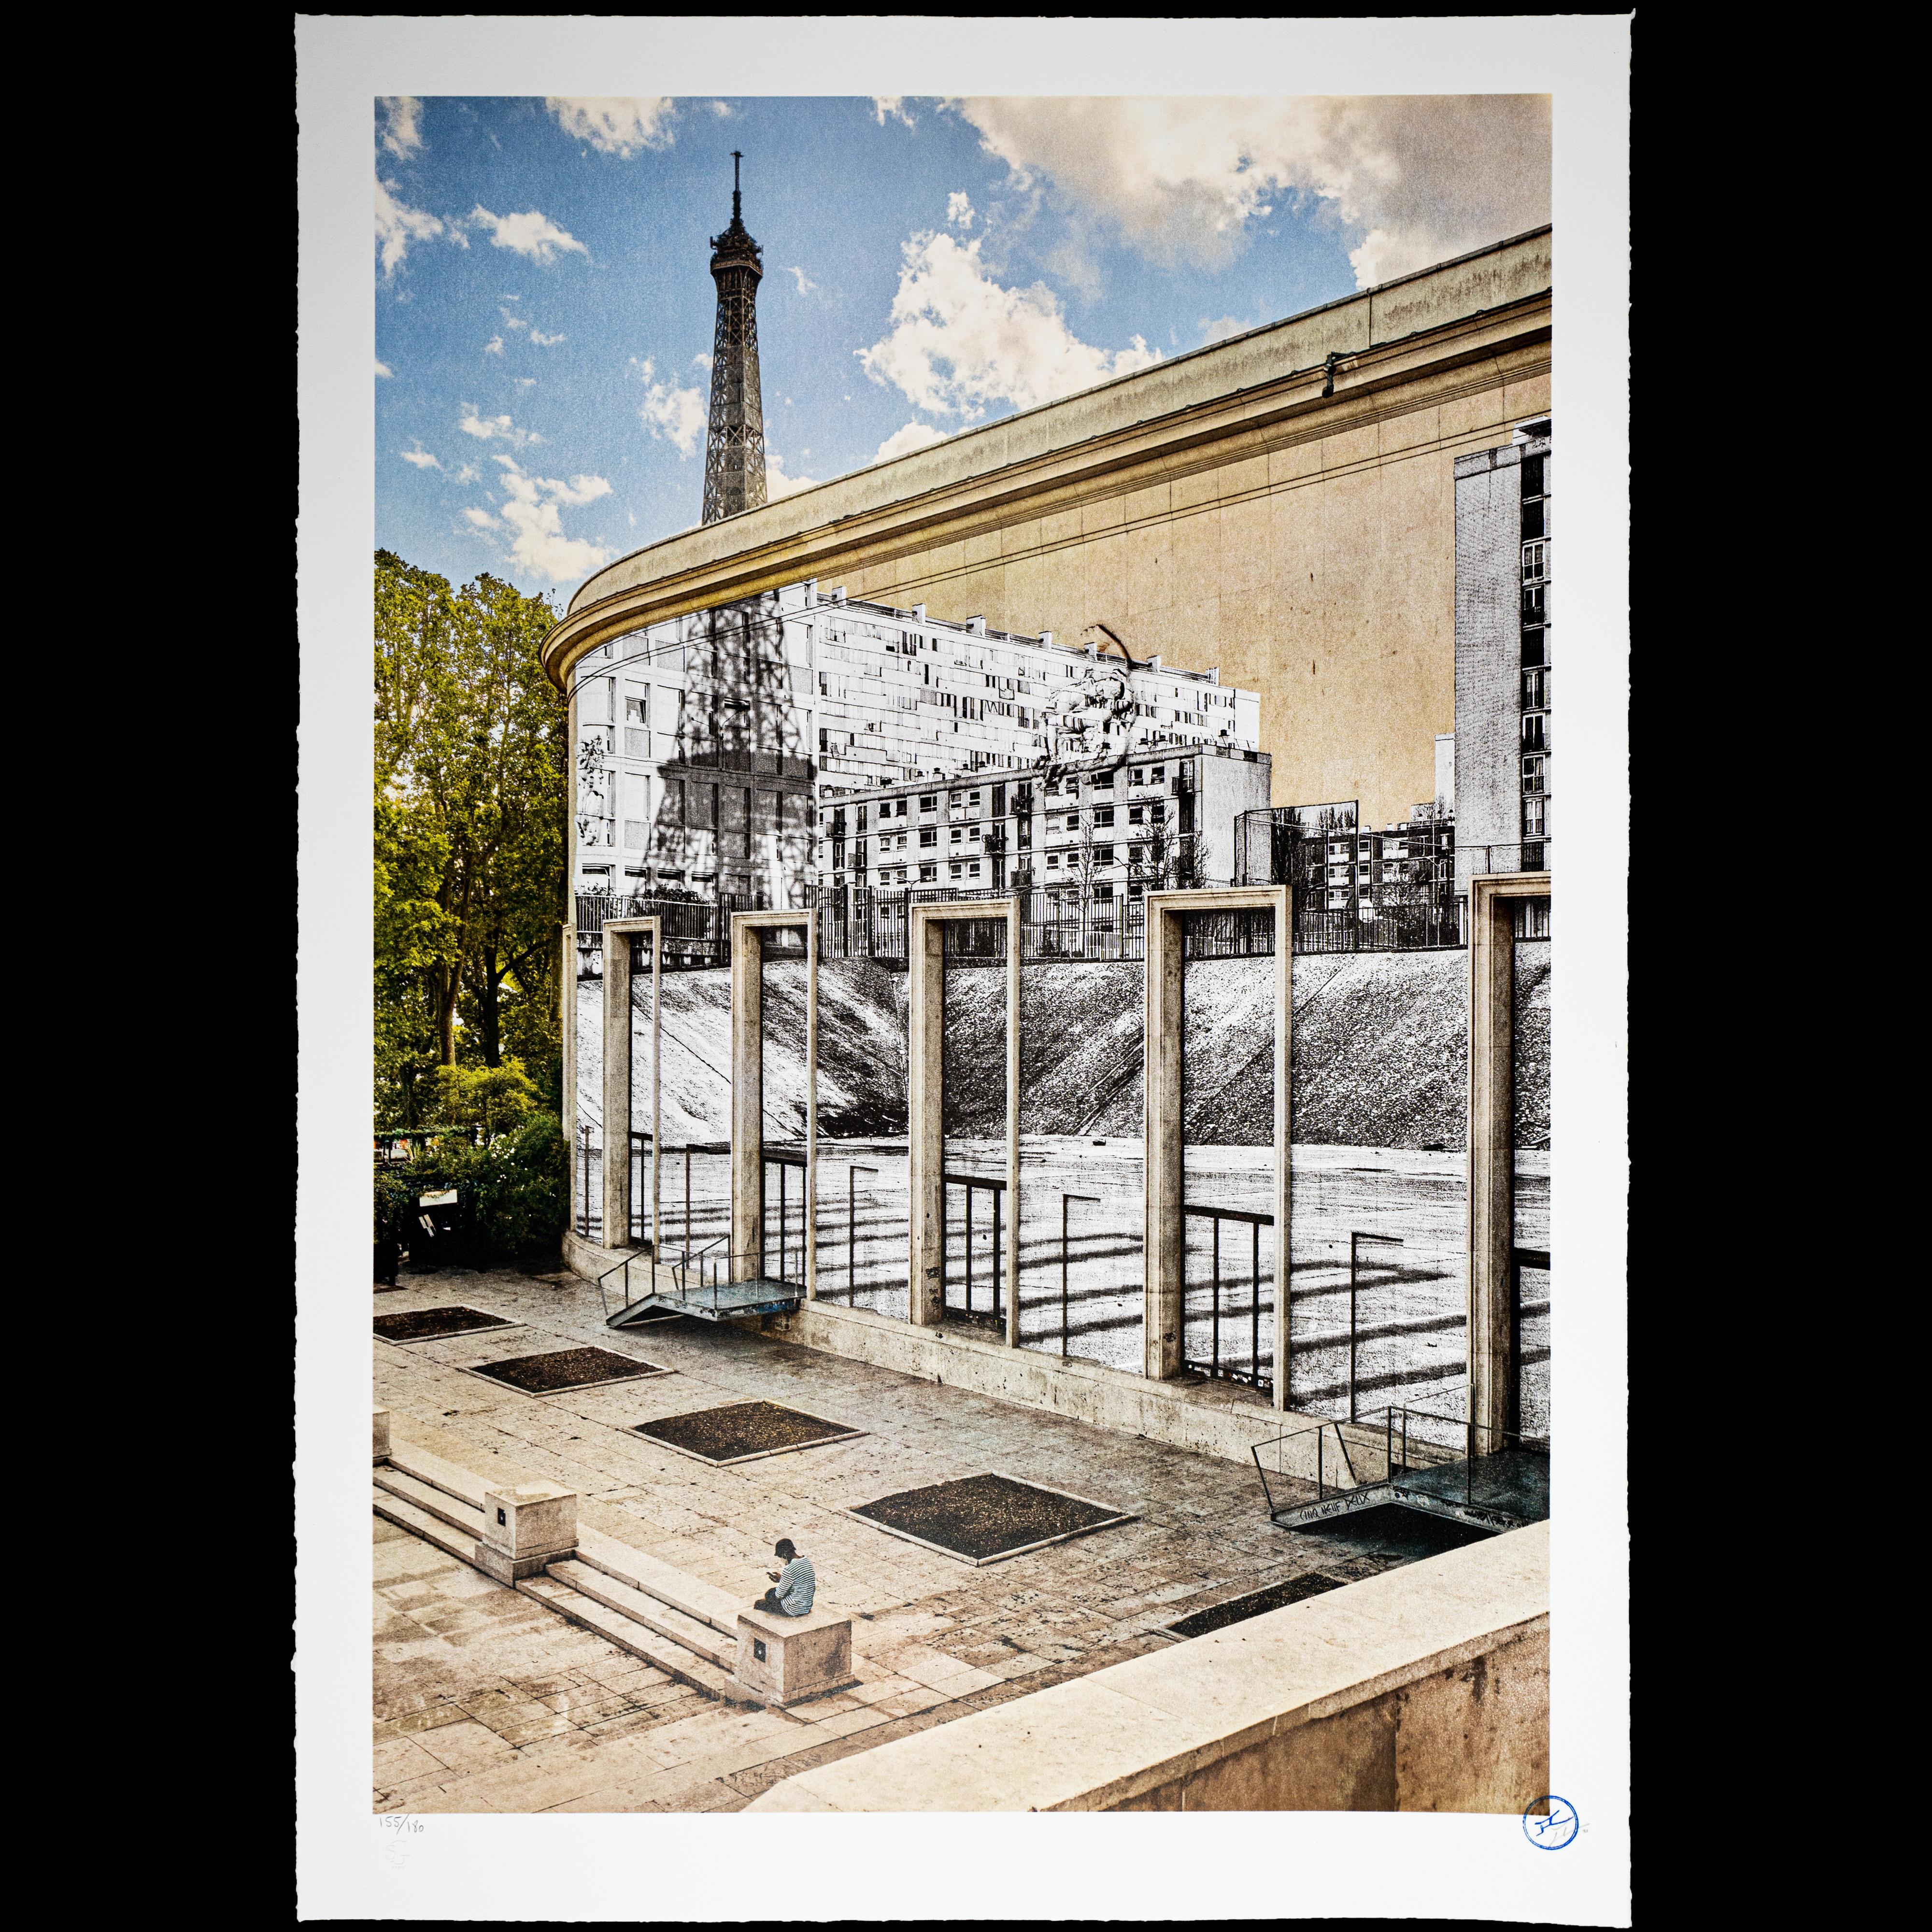 JR Au Palais De Tokyo, 28 Aout 2020, 16h12, Paris  - Contemporary, 21st Century